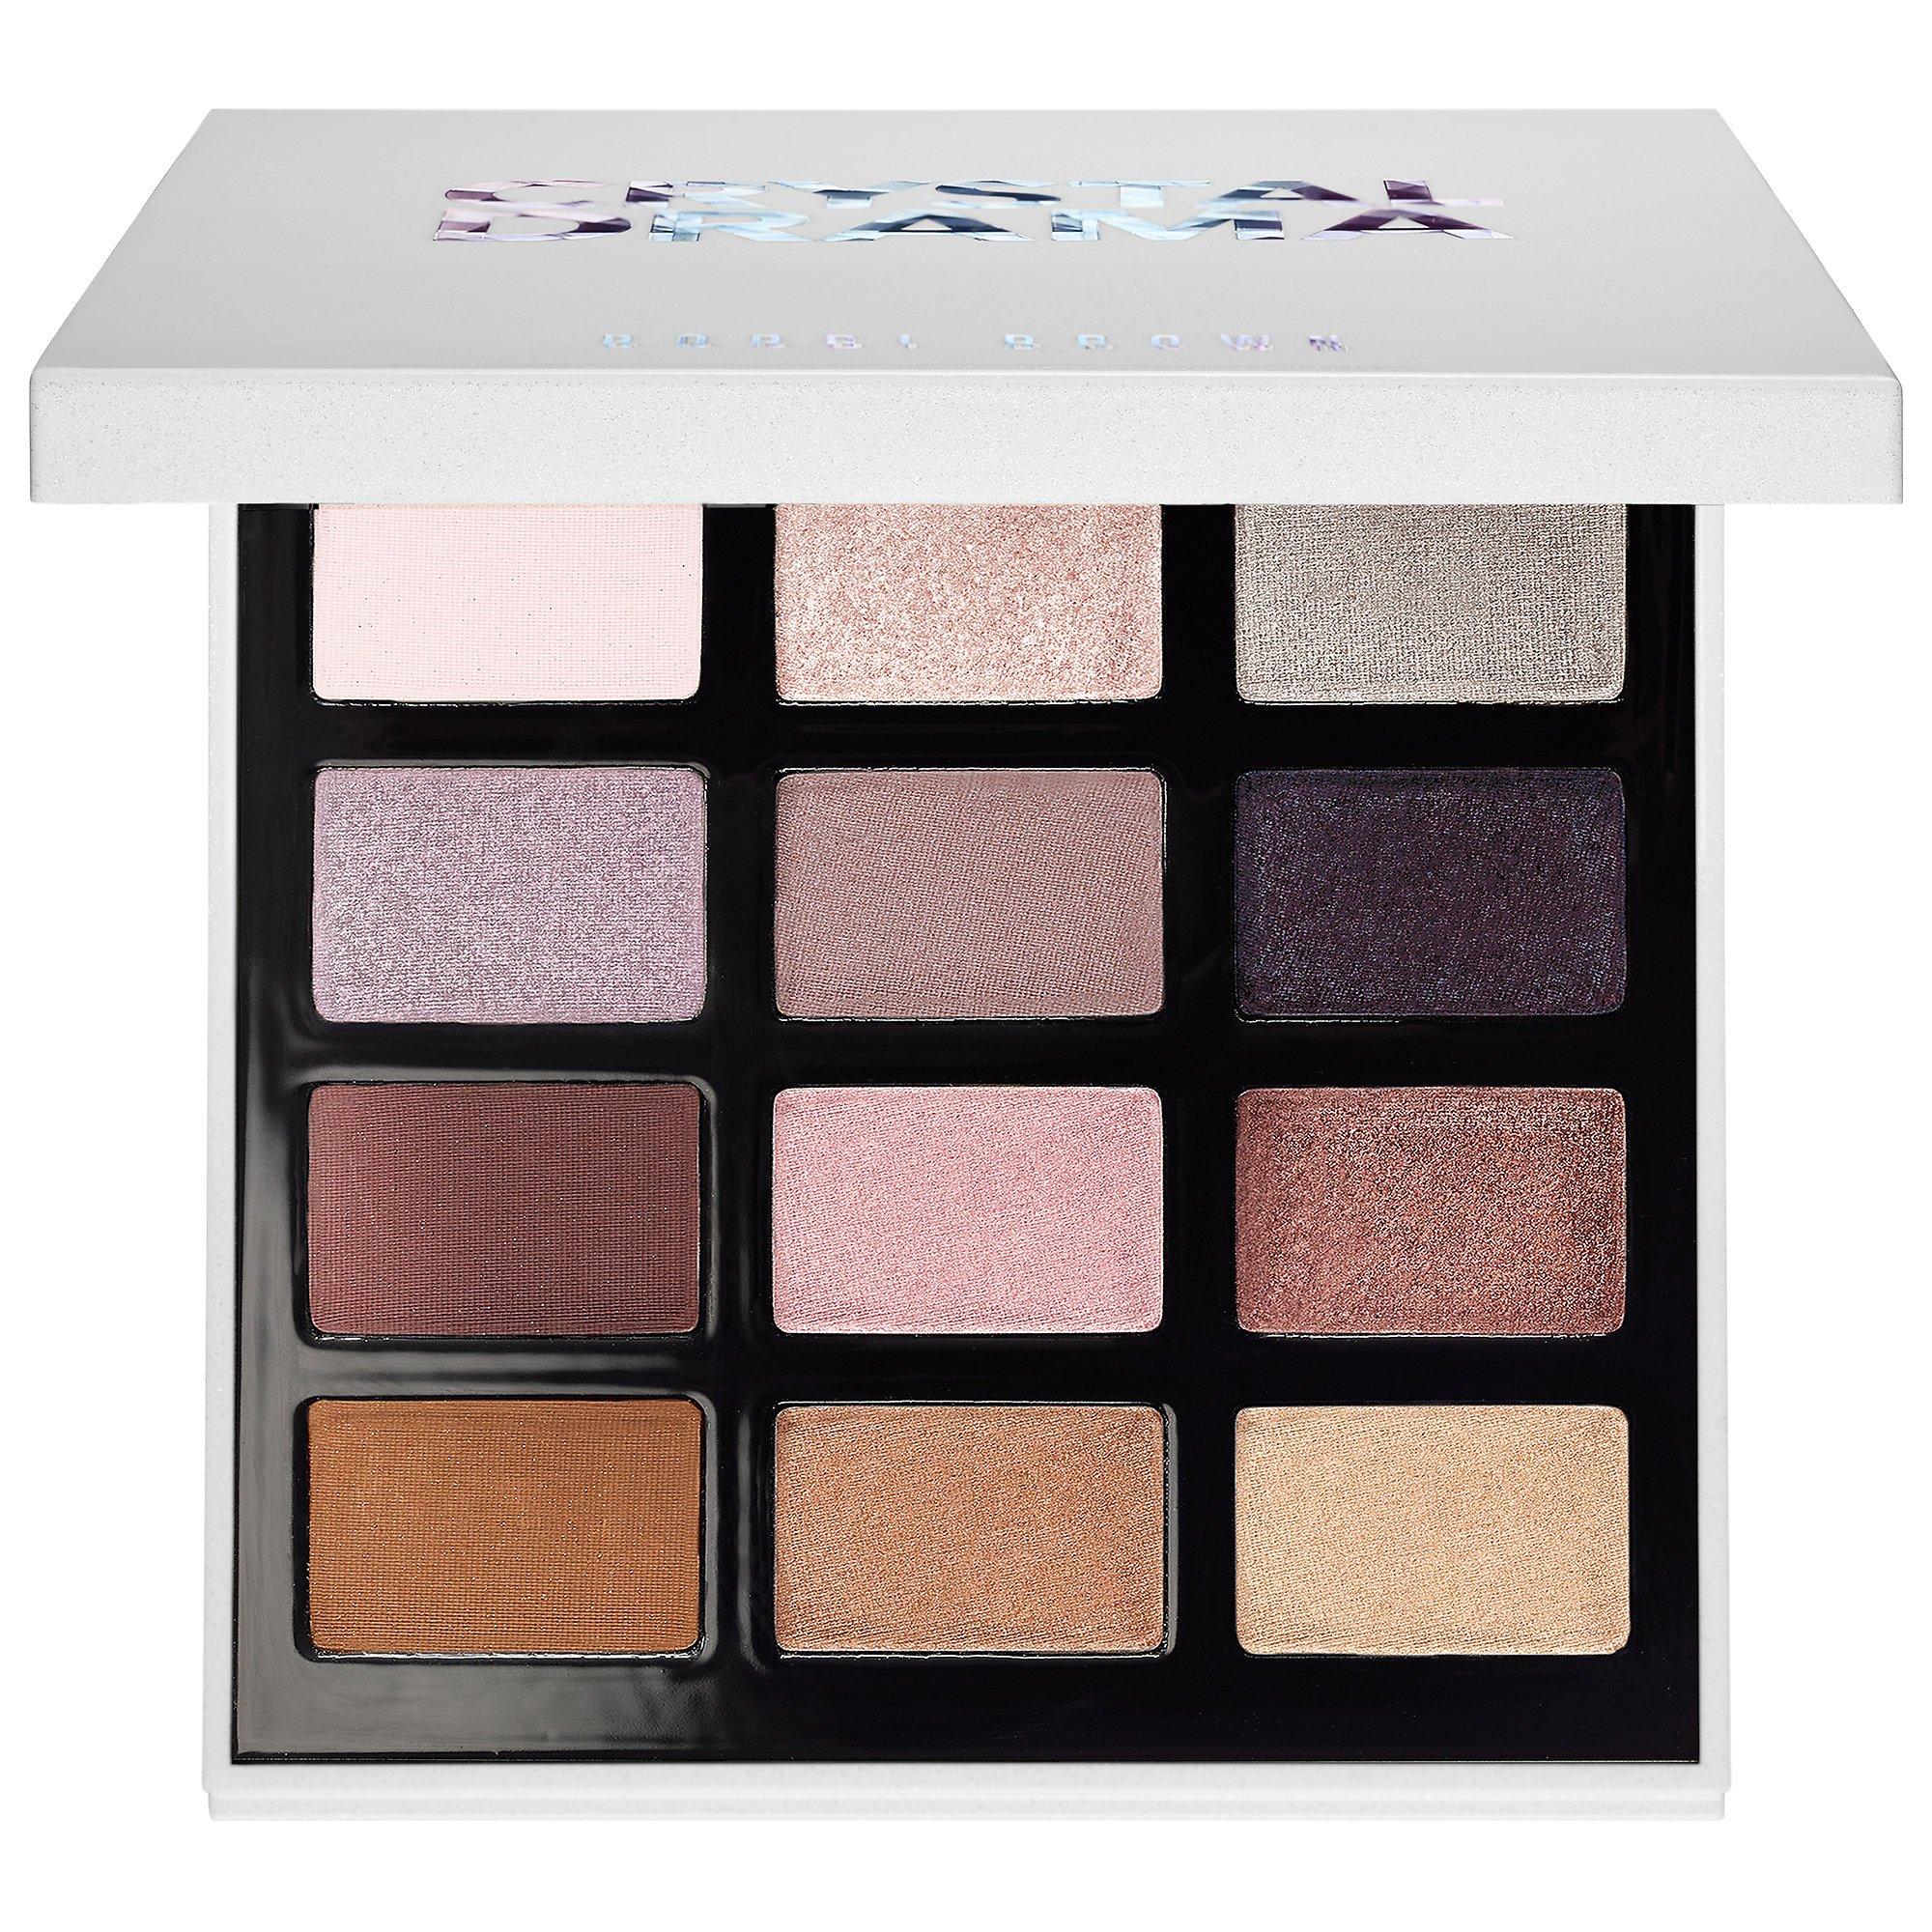 Bobbi Brown Limited Edition Crystal Drama Eyeshadow Palette